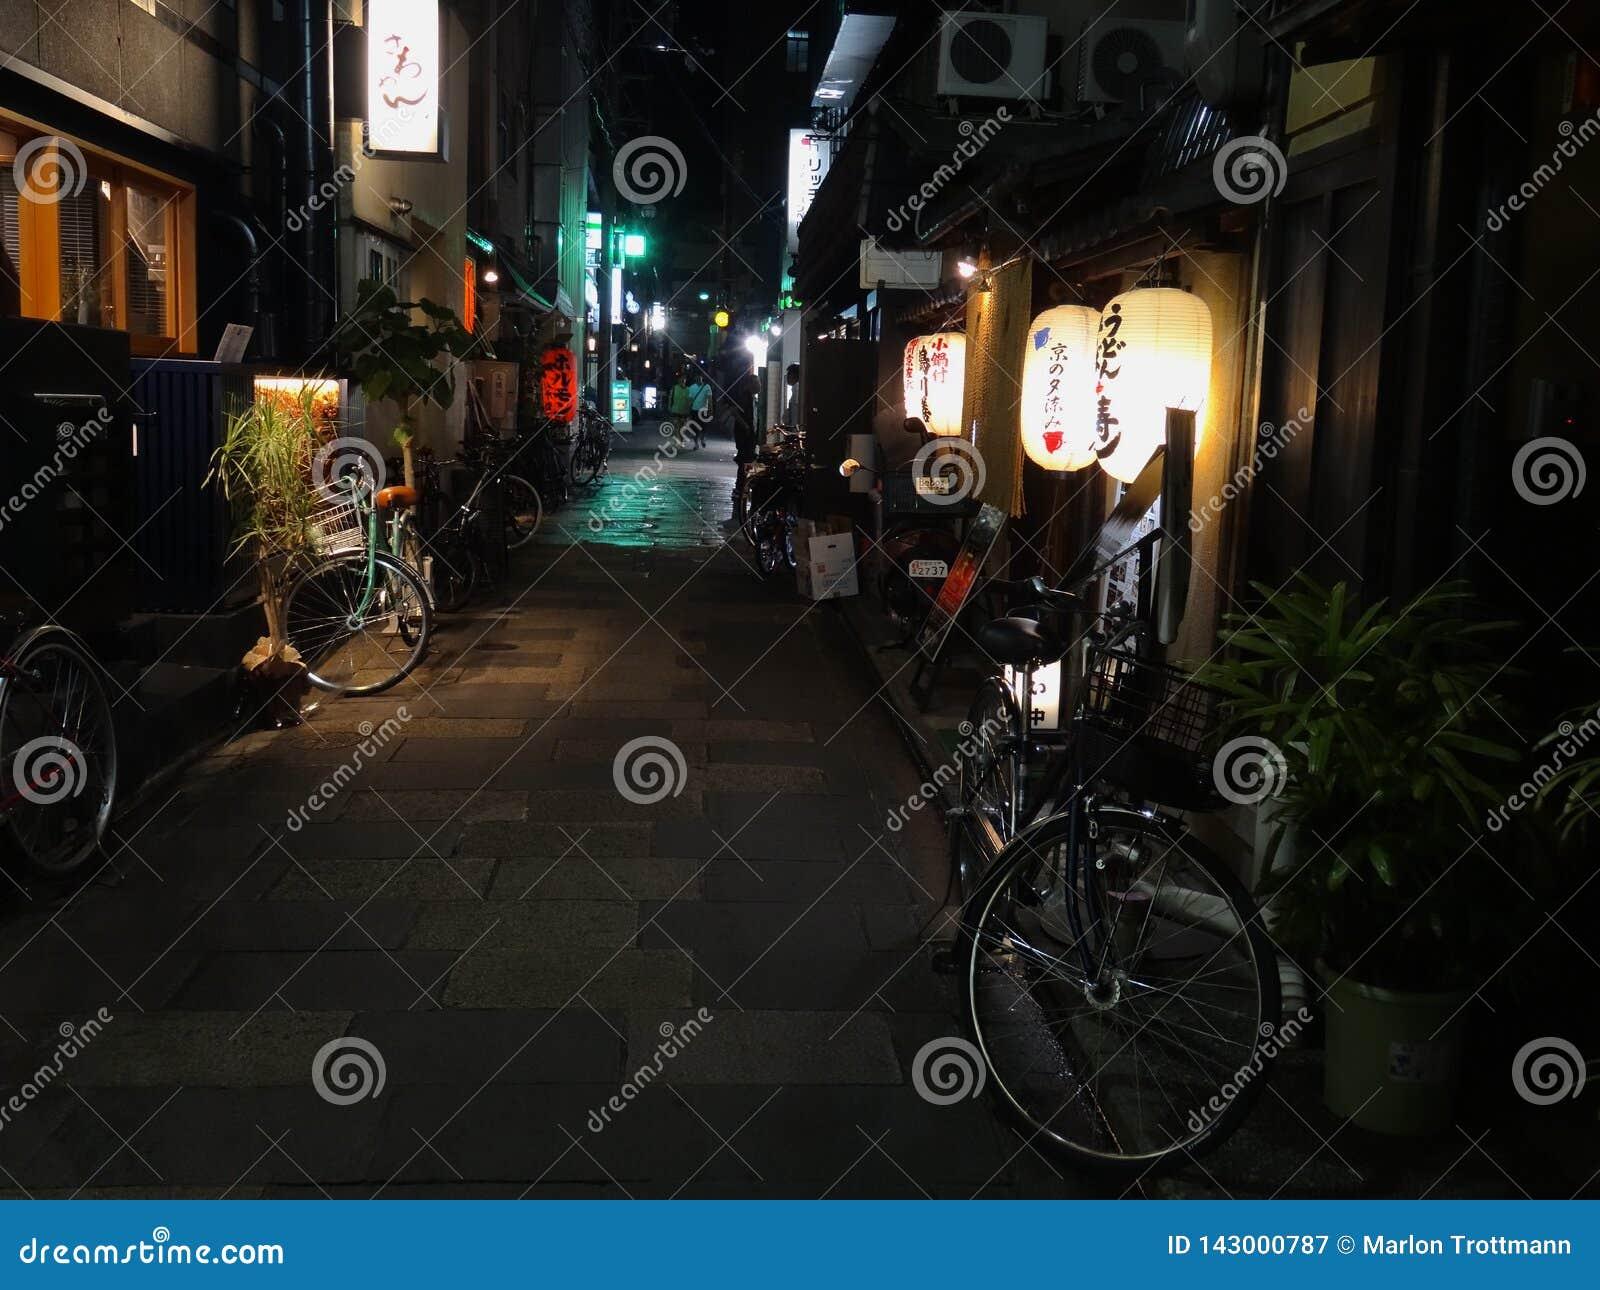 Vista nocturna del área encantadora de Pontocho situada en Kyoto, Japón